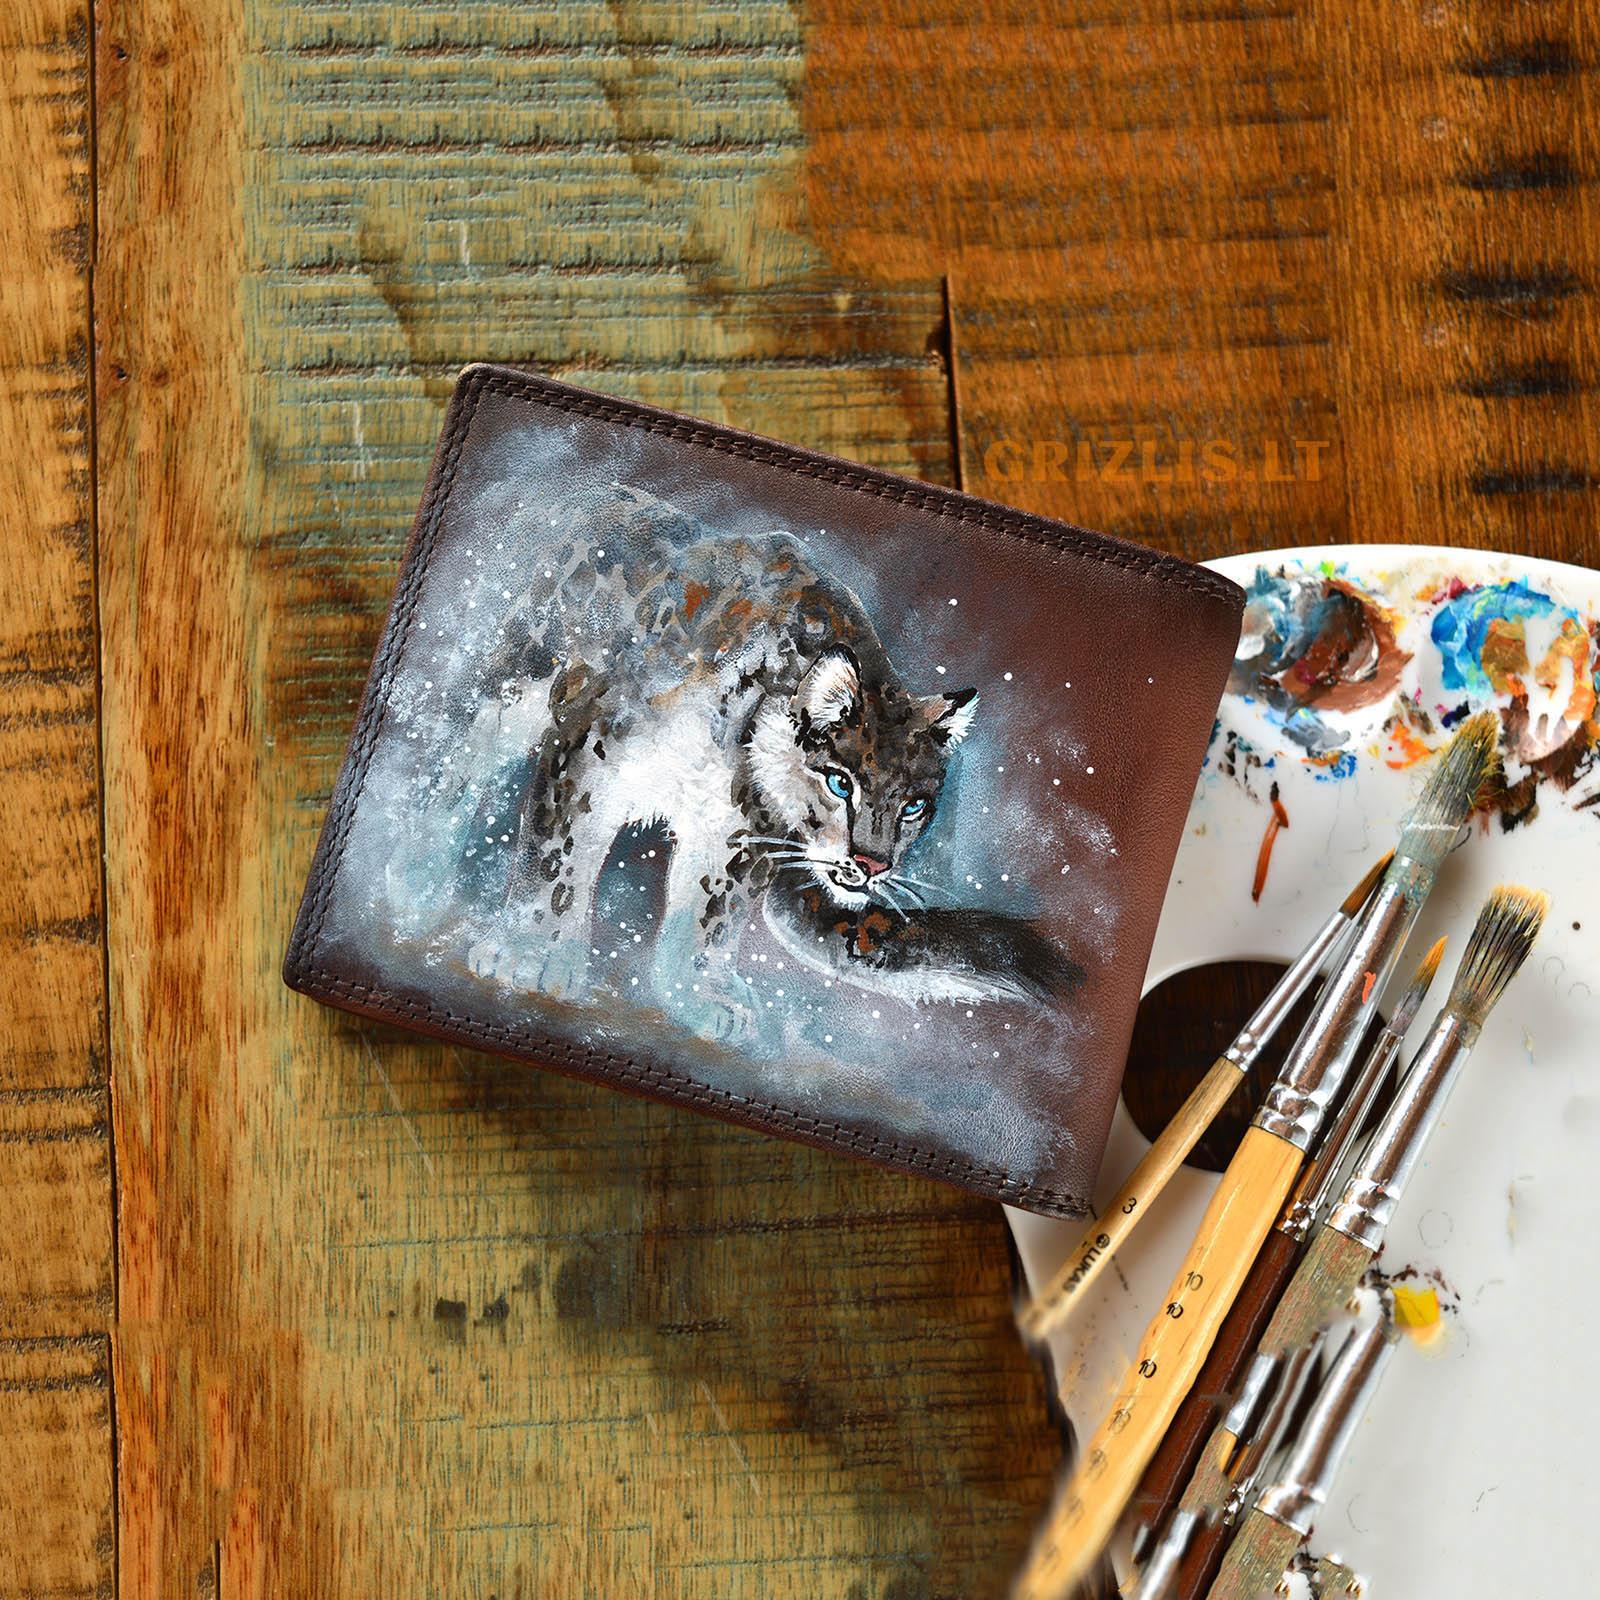 vyriska sendinta ruda odine pinigine su piesiniu iliustracija puma gepardu tigru leopardu lusimi liutas meniskos dailinink is naturalios odos gimtadienio dovanos vyrams teciui sunui vaikinui isskirtines ranku darbo vienetines orginalios unikali 71r5